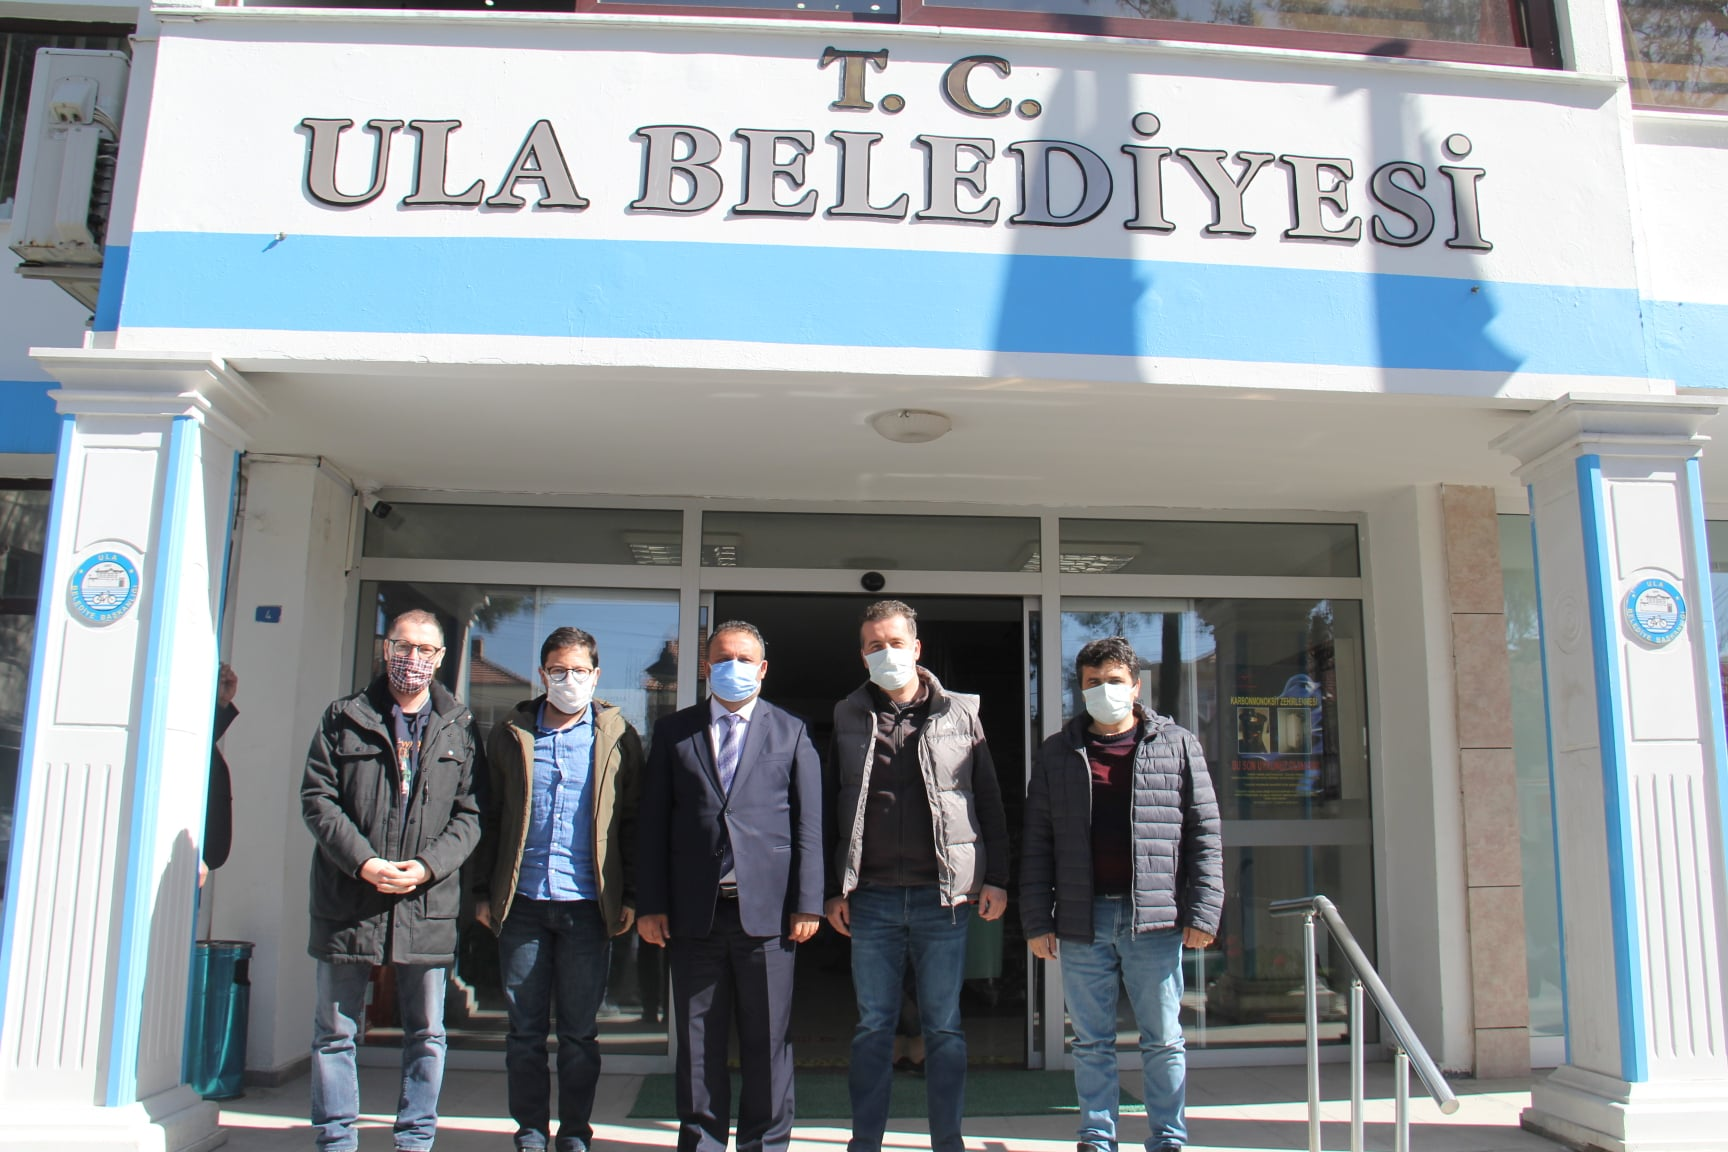 Muğla İnşaat Mühendisleri Odası Yönetim Kurulu Üyeleri Belediye Başkanımız Sn. Özay Türkler'i Ziyaret Ederek Hayırlı Olsun Dileklerinde Bulundu